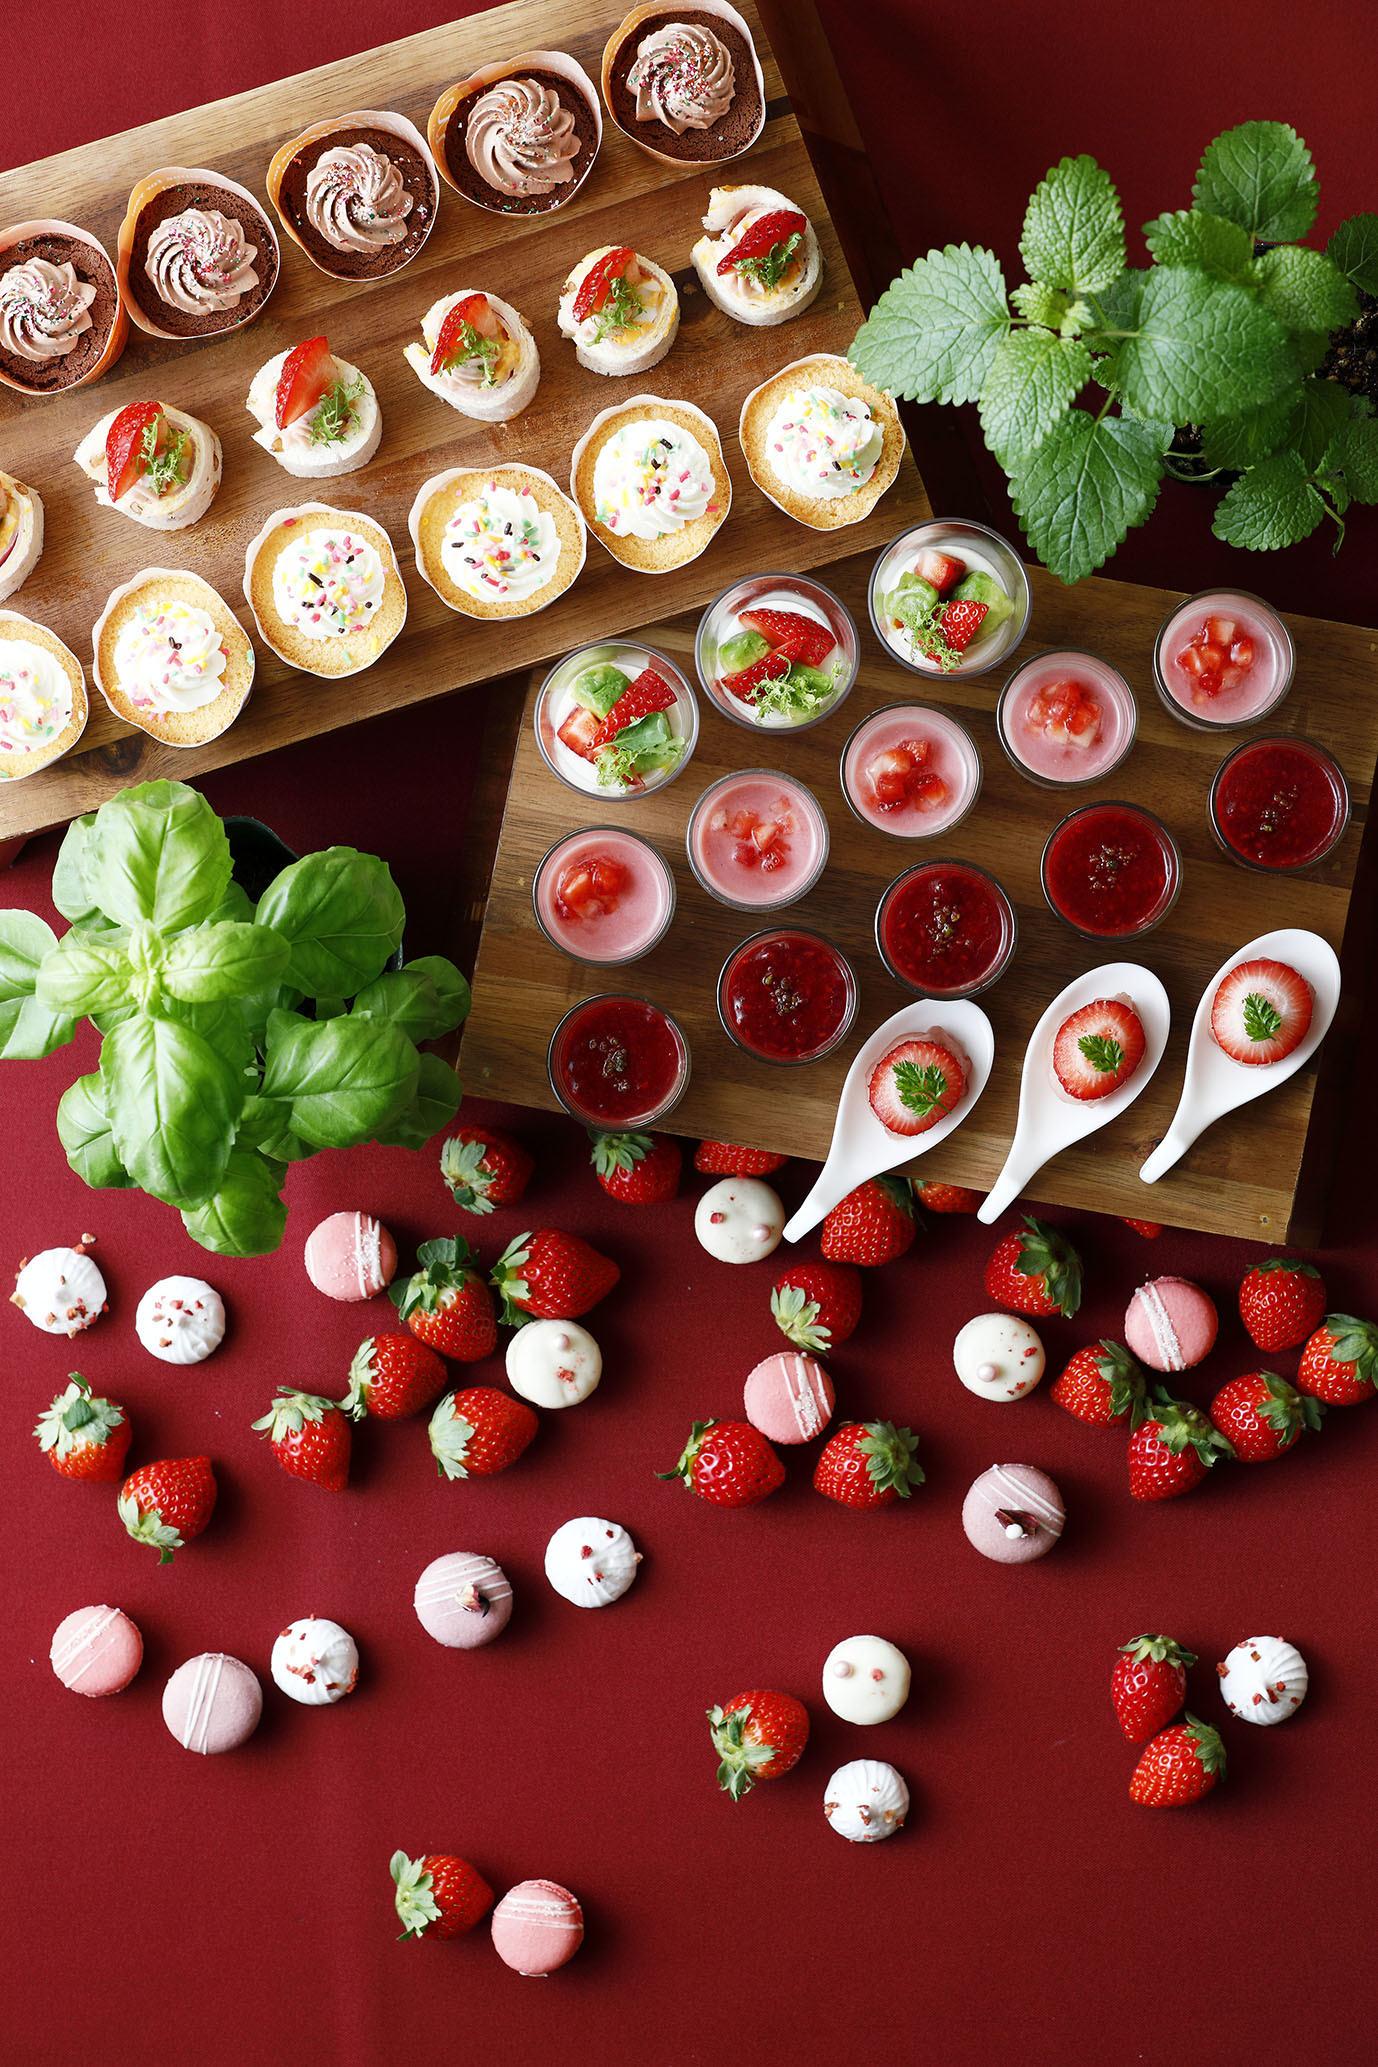 京都ブライトンホテルでハーブと苺のマリアージュを楽しむ! 『ストロベリーブッフェ』を2020年2月開催  1月20日はモニターとしてメニューを楽しめるプレ開催を実施